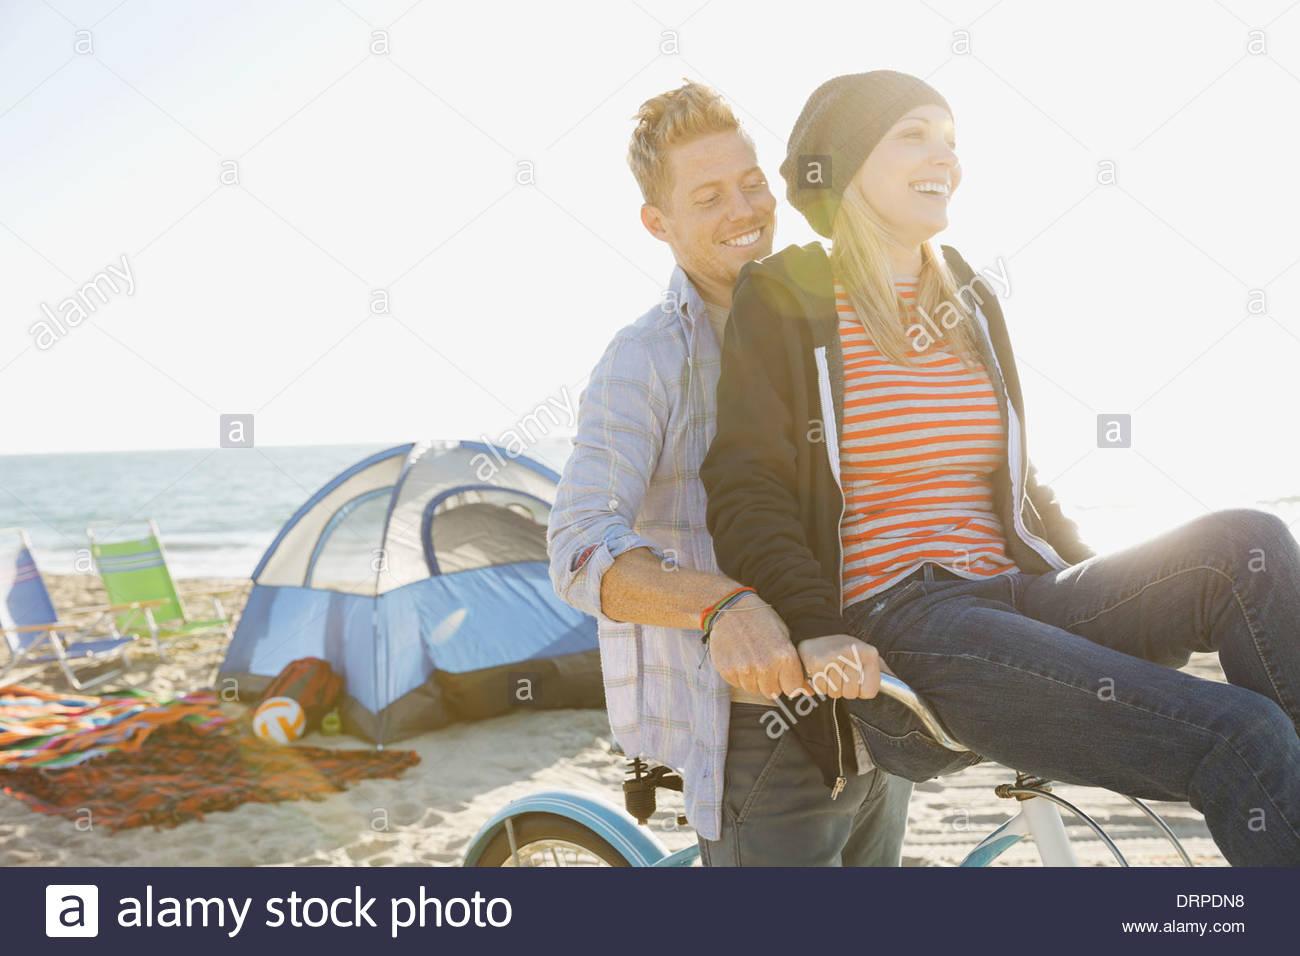 Pareja sonriente ciclismo en la playa Imagen De Stock